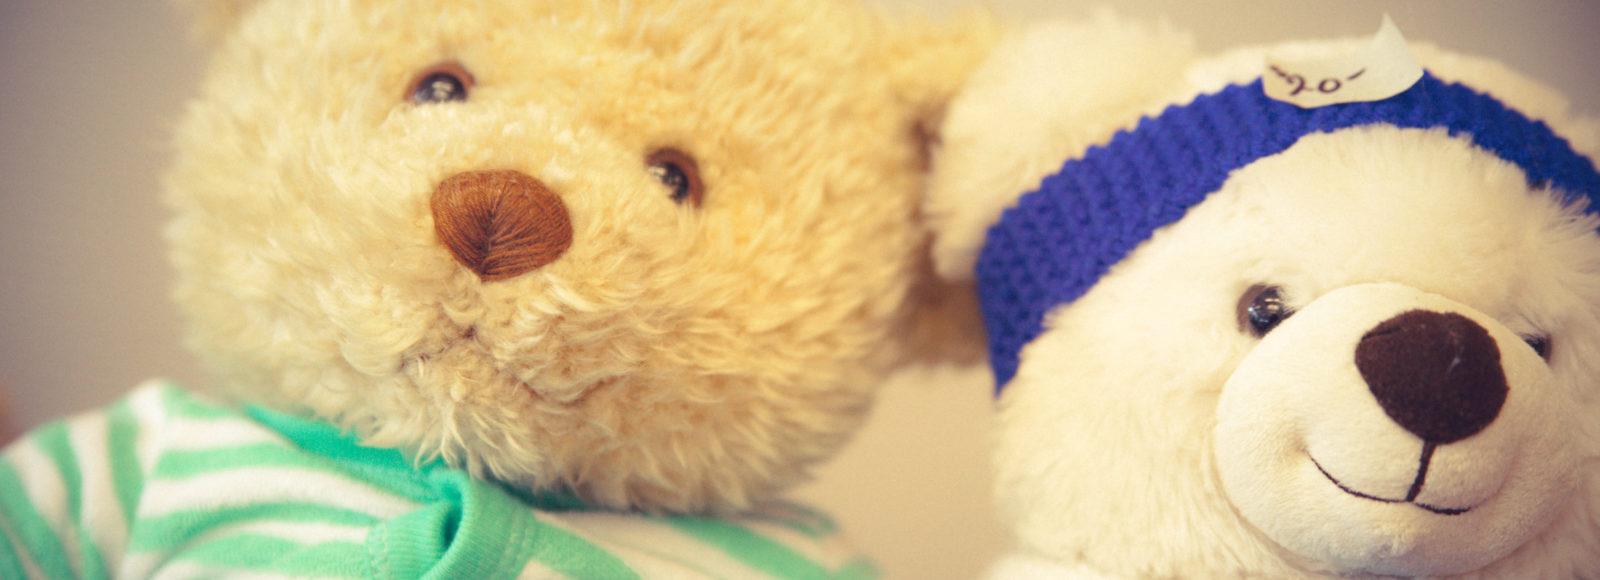 teddy, bear, tea, holiday, family, event